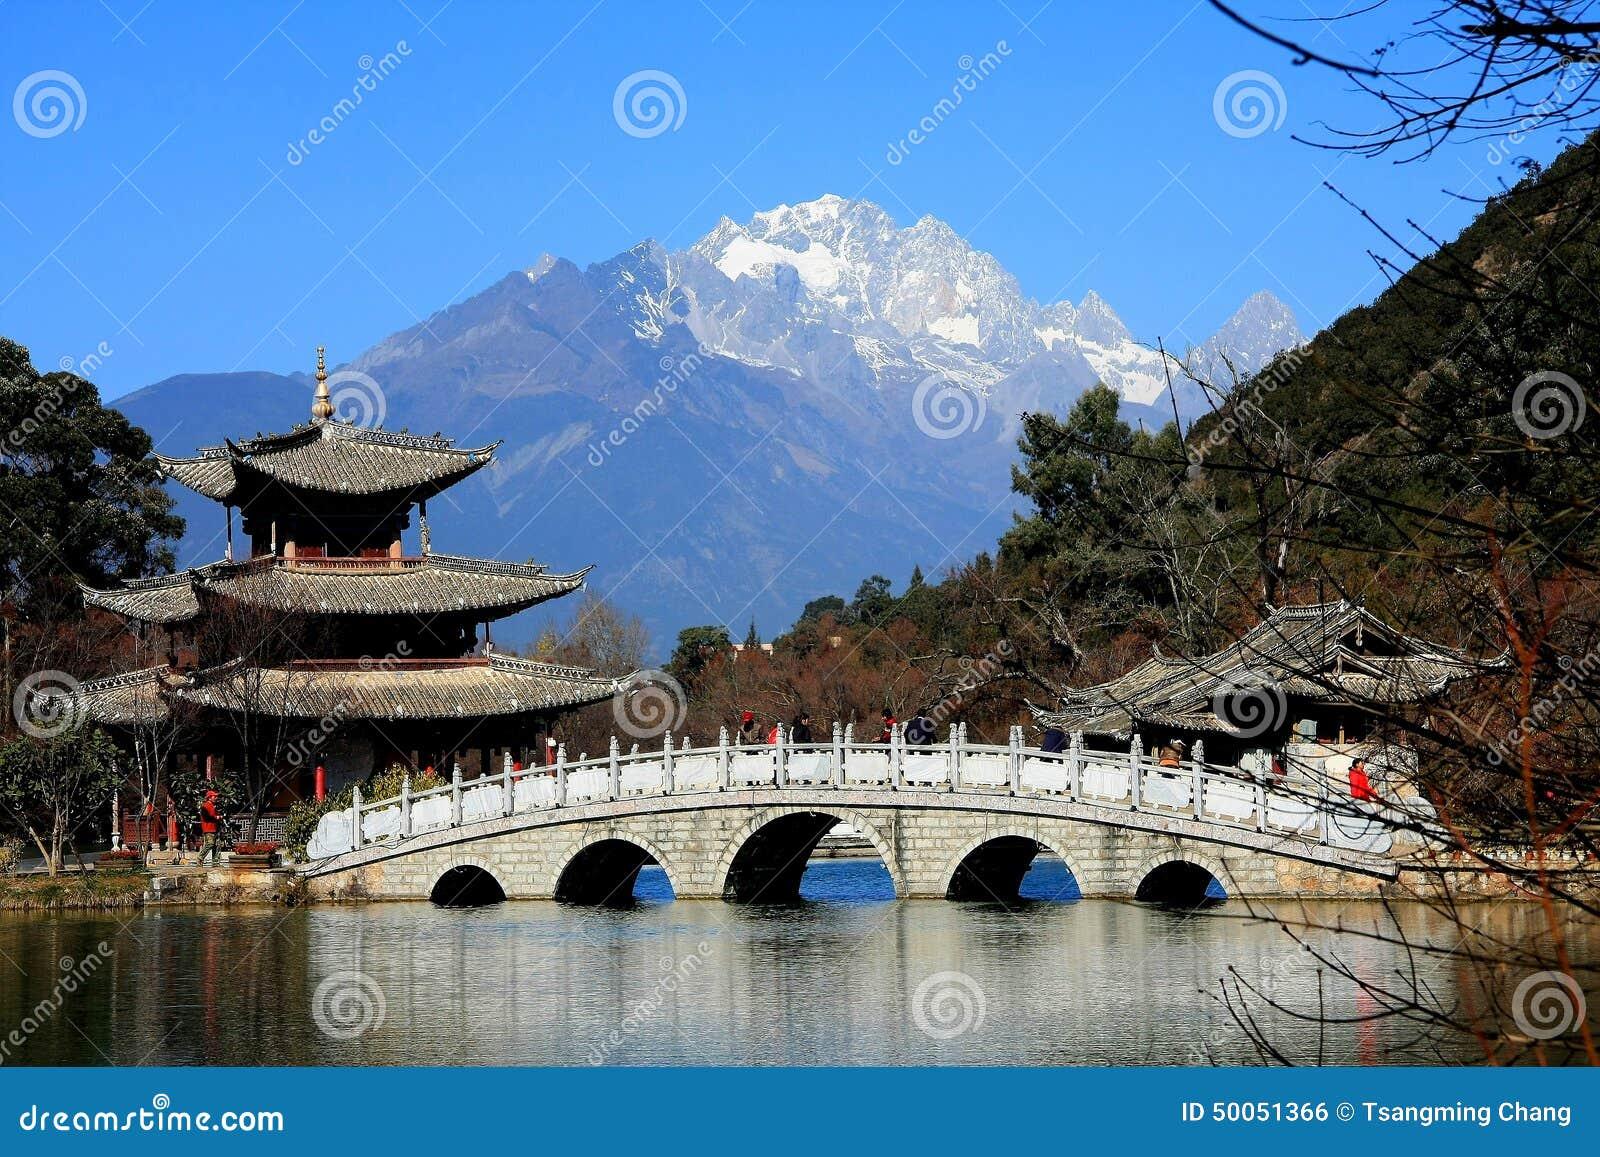 丽江,云南,中国